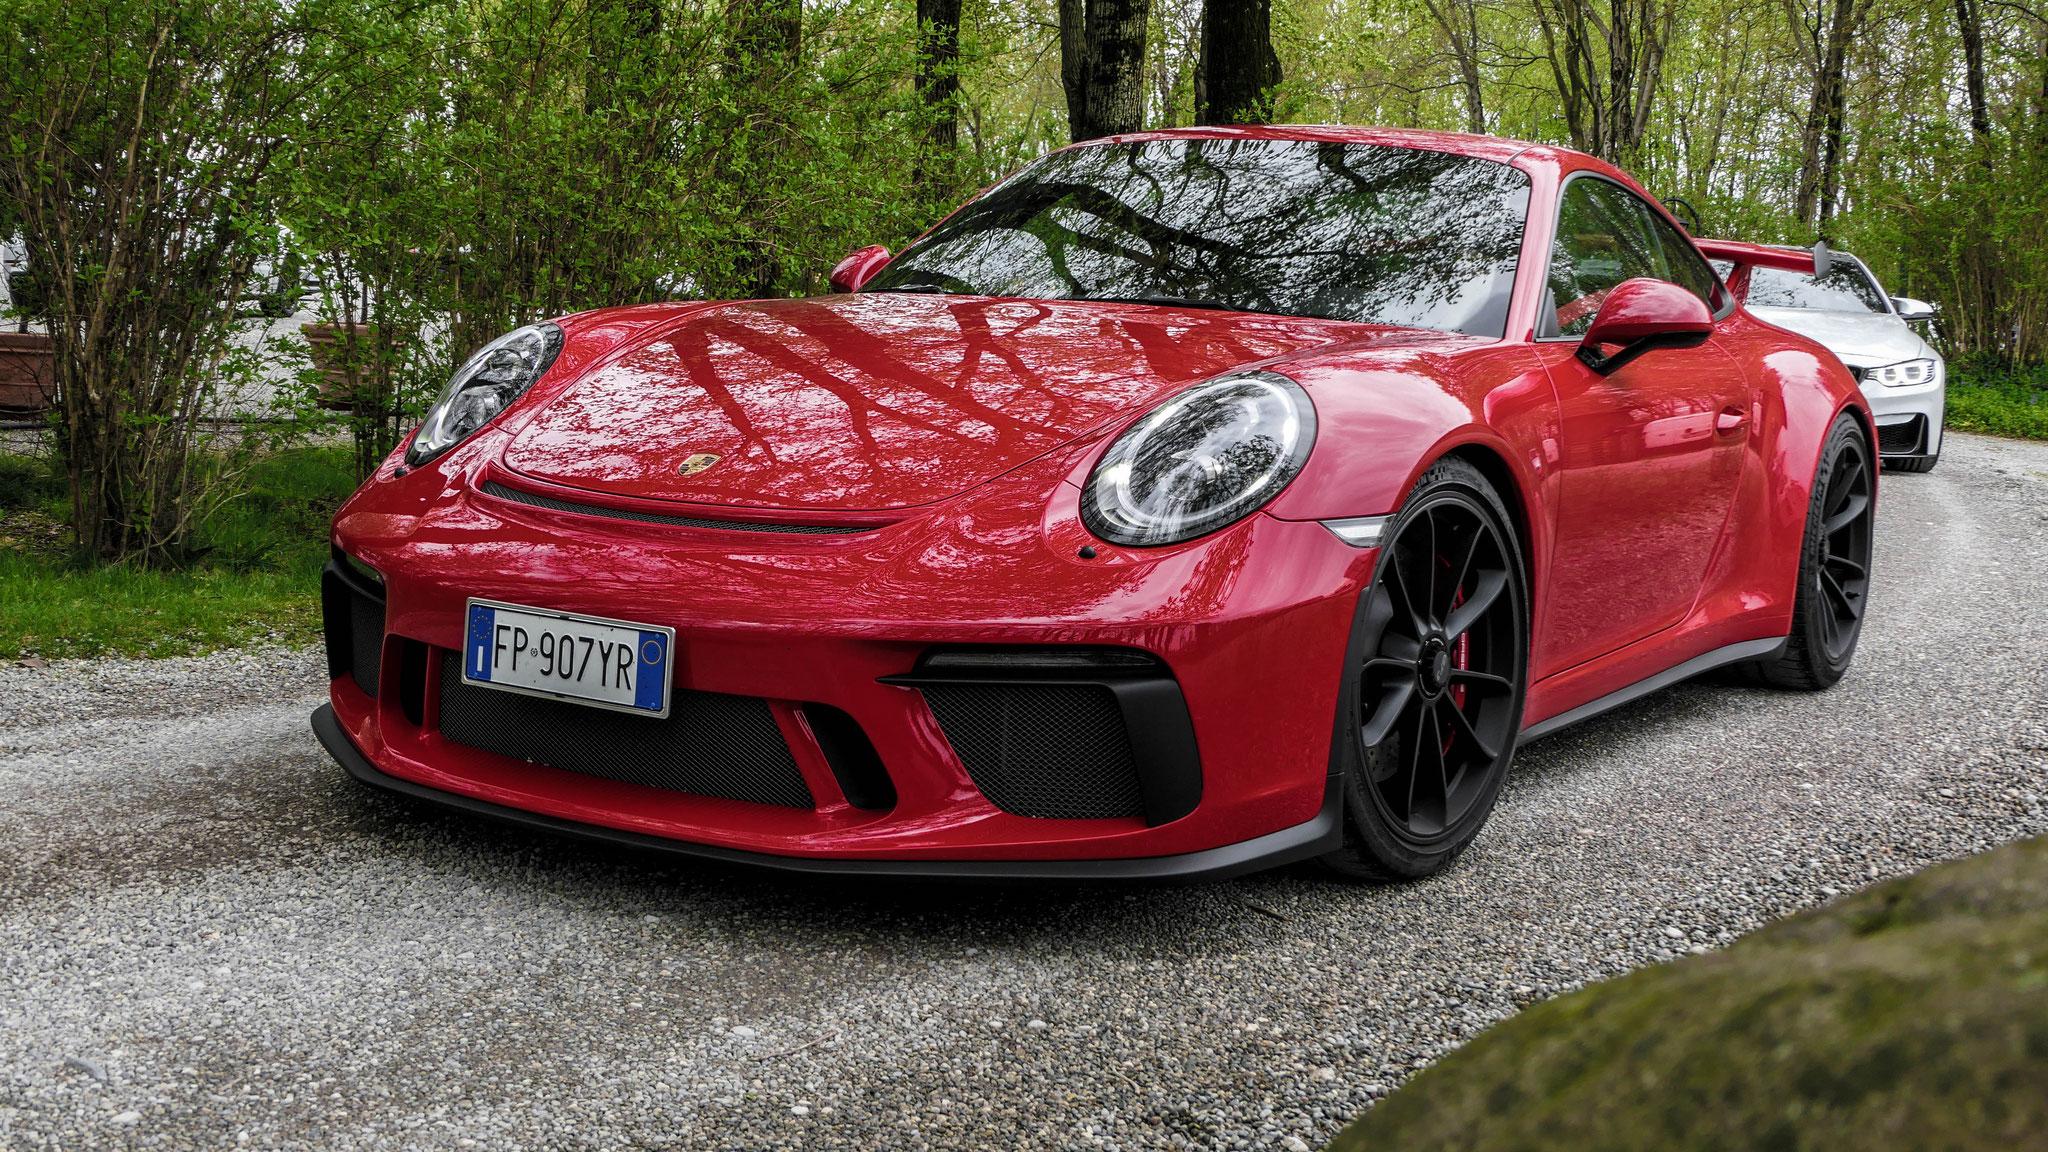 Porsche 991 GT3 - FP-907-YR (ITA)